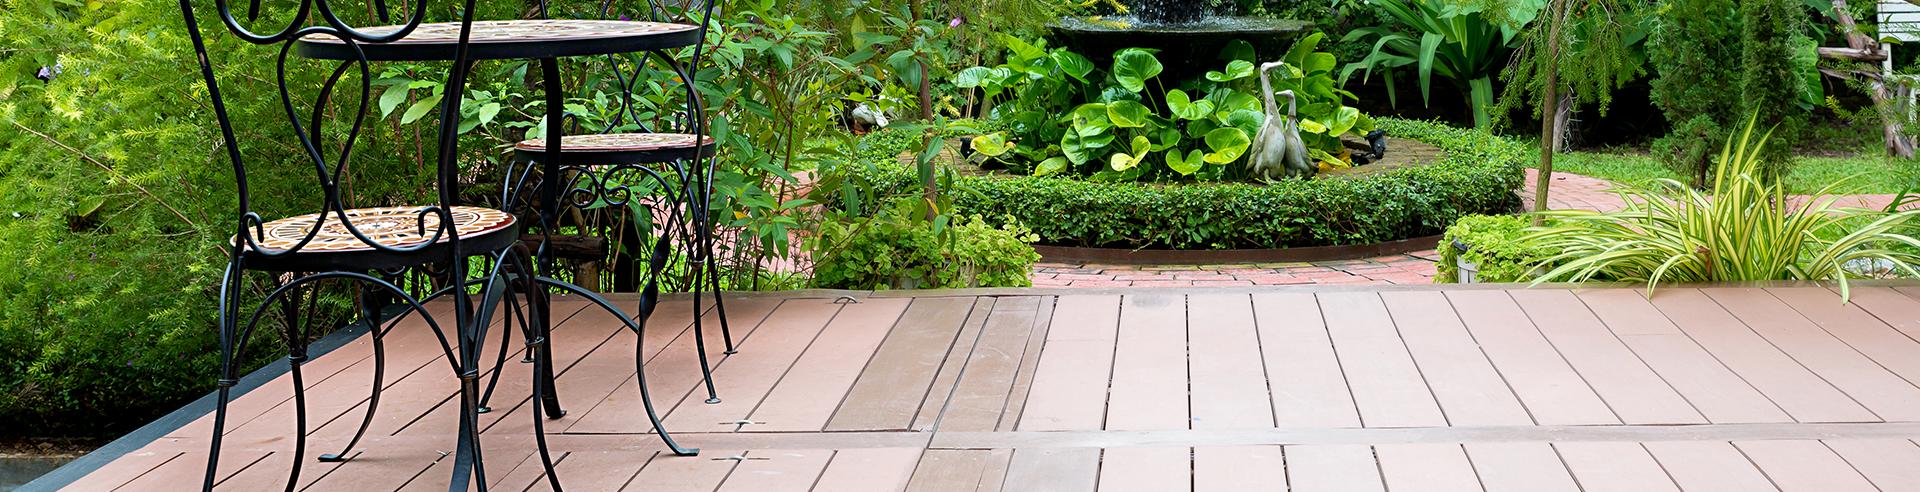 Terrasse En Bois Oise création de terrasse en bois, composite et dalles terrasse